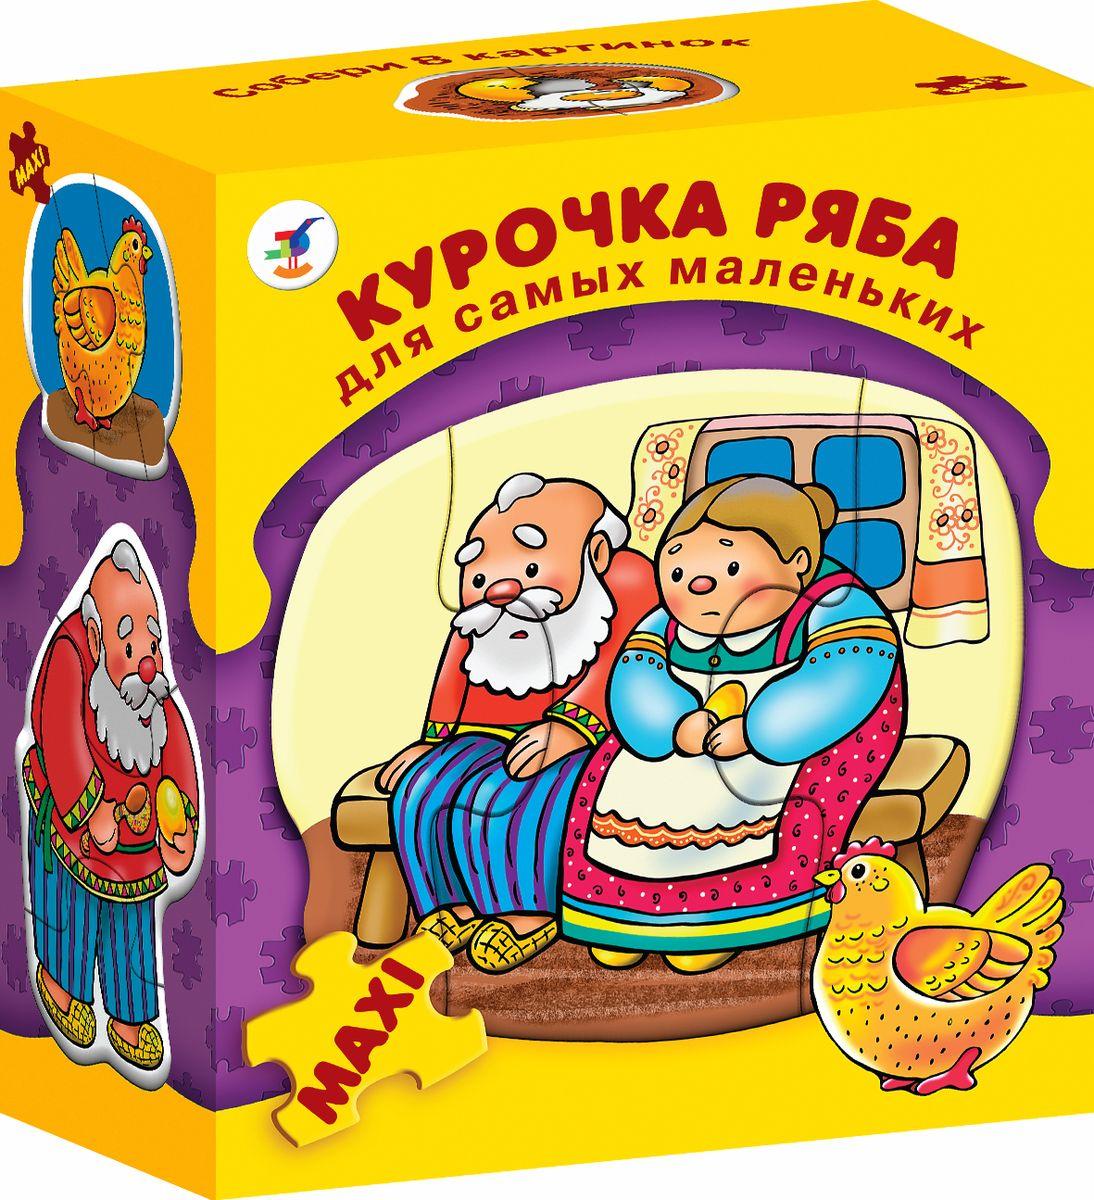 Дрофа-Медиа Пазл для малышей Курочка ряба 8 в 1 дрофа медиа пазл для малышей ассоциации профессии